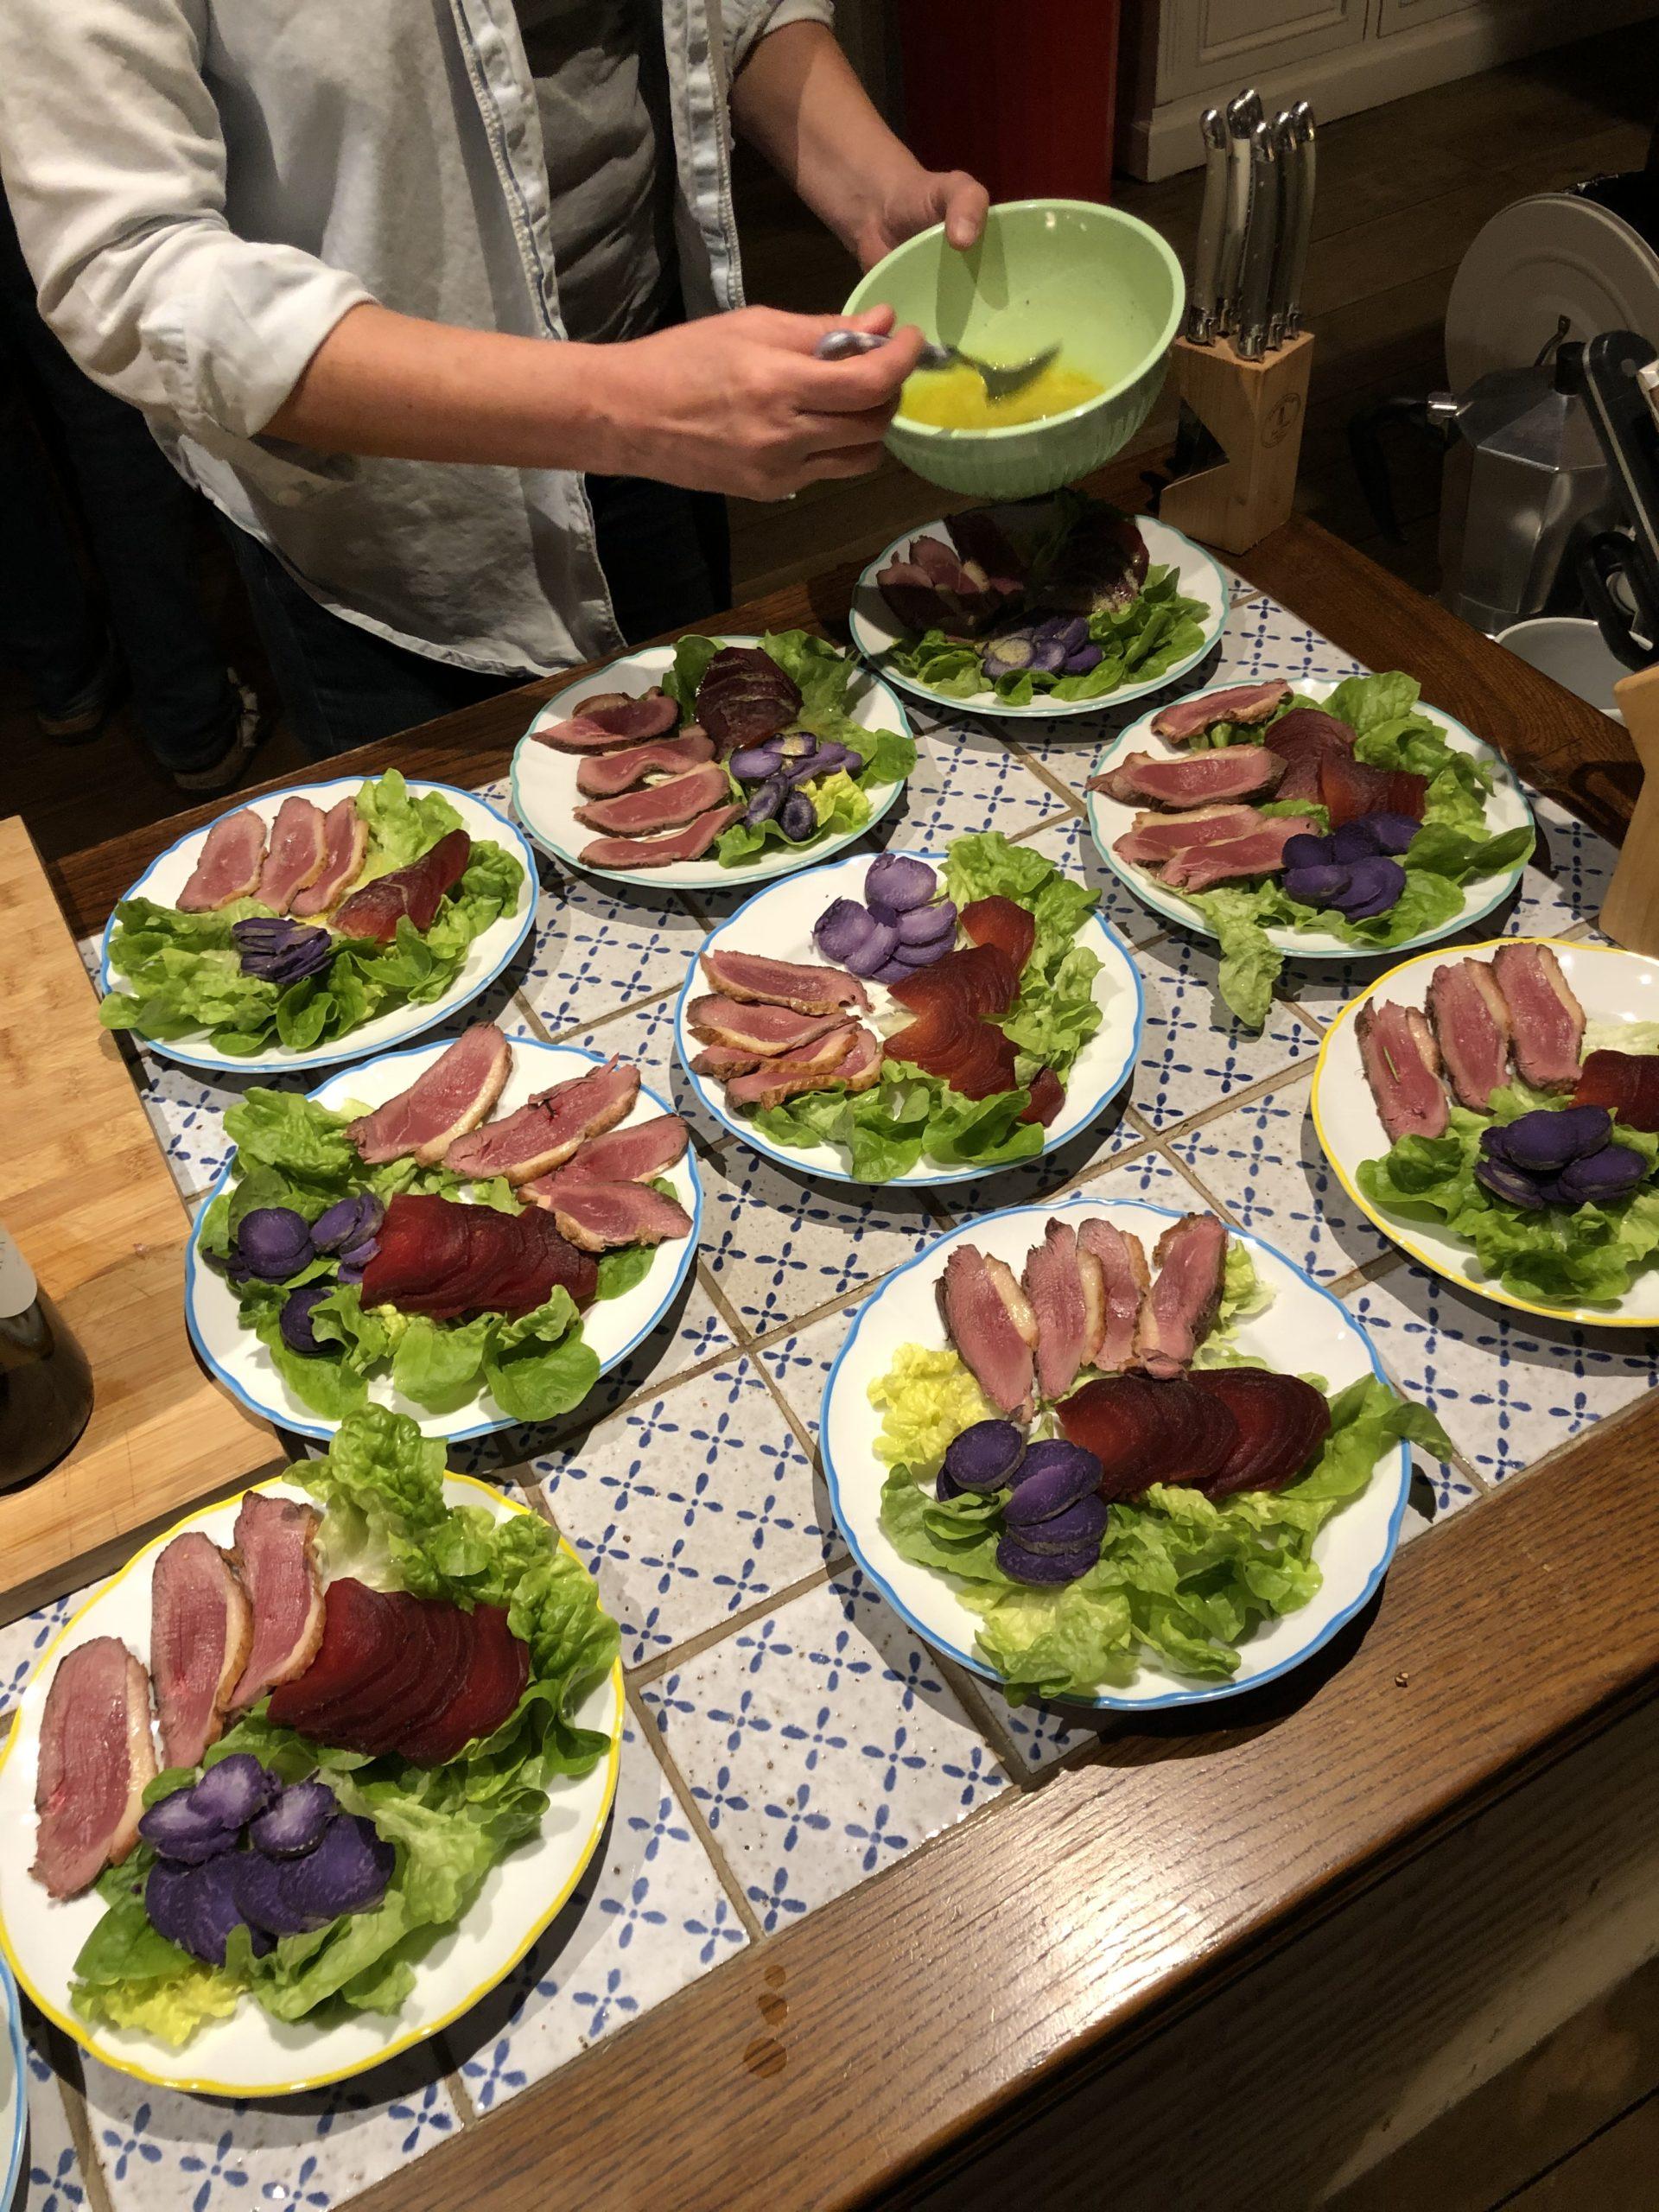 Brunos Kochbuch: 1a Rezepte und Geschichten aus dem Périgord 1